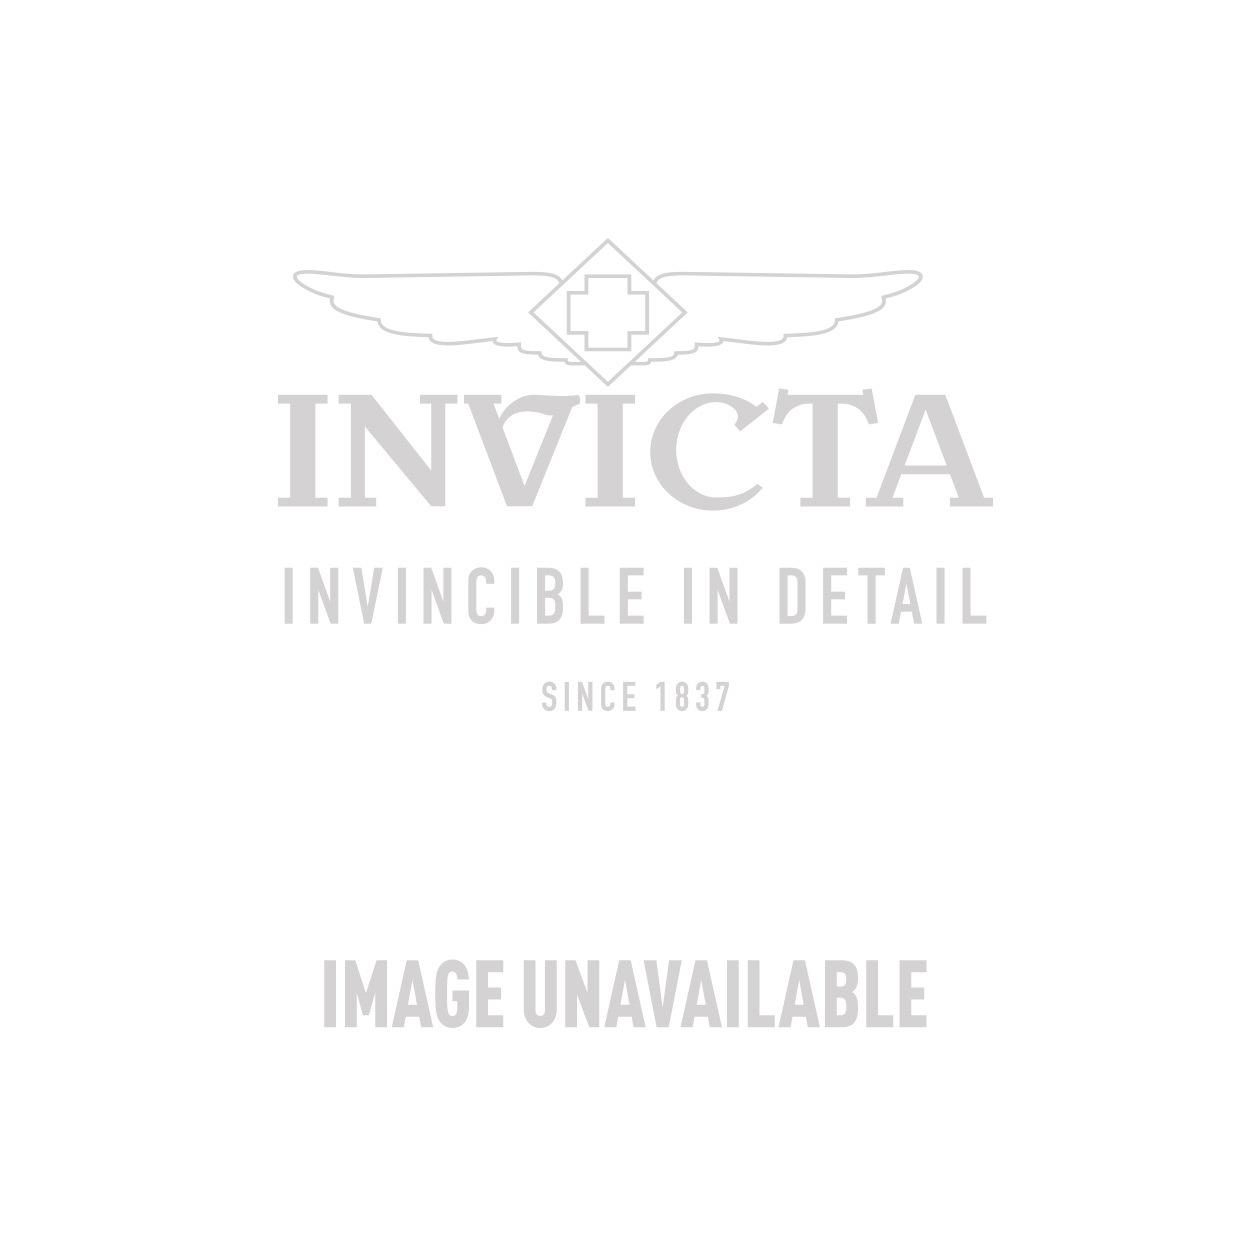 Invicta Model 27397